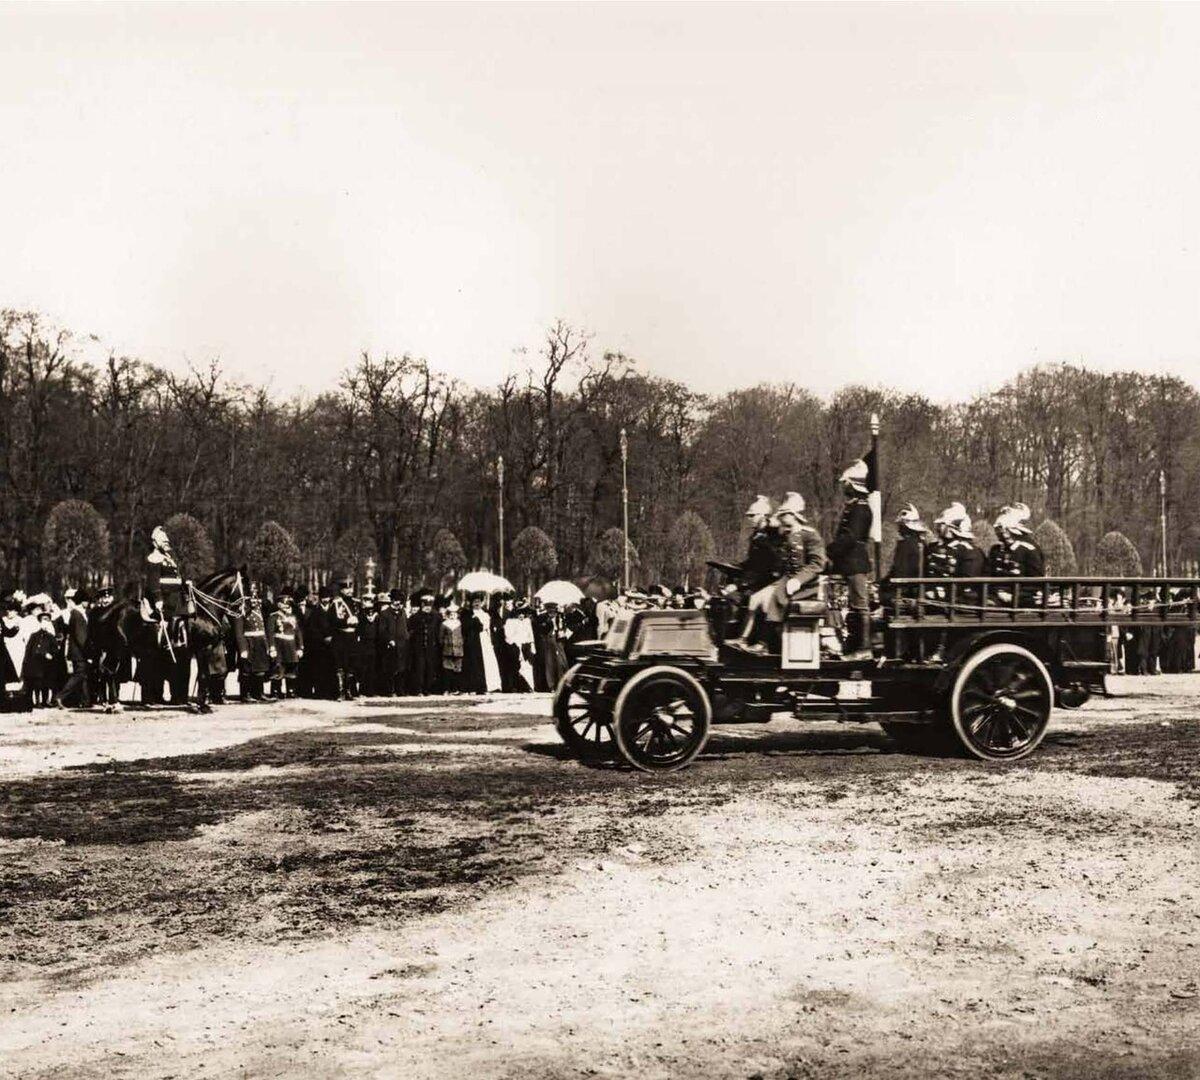 Парад частей Санкт-Петербургской Пожарной Команды на Марсовом поле. 1908 г.